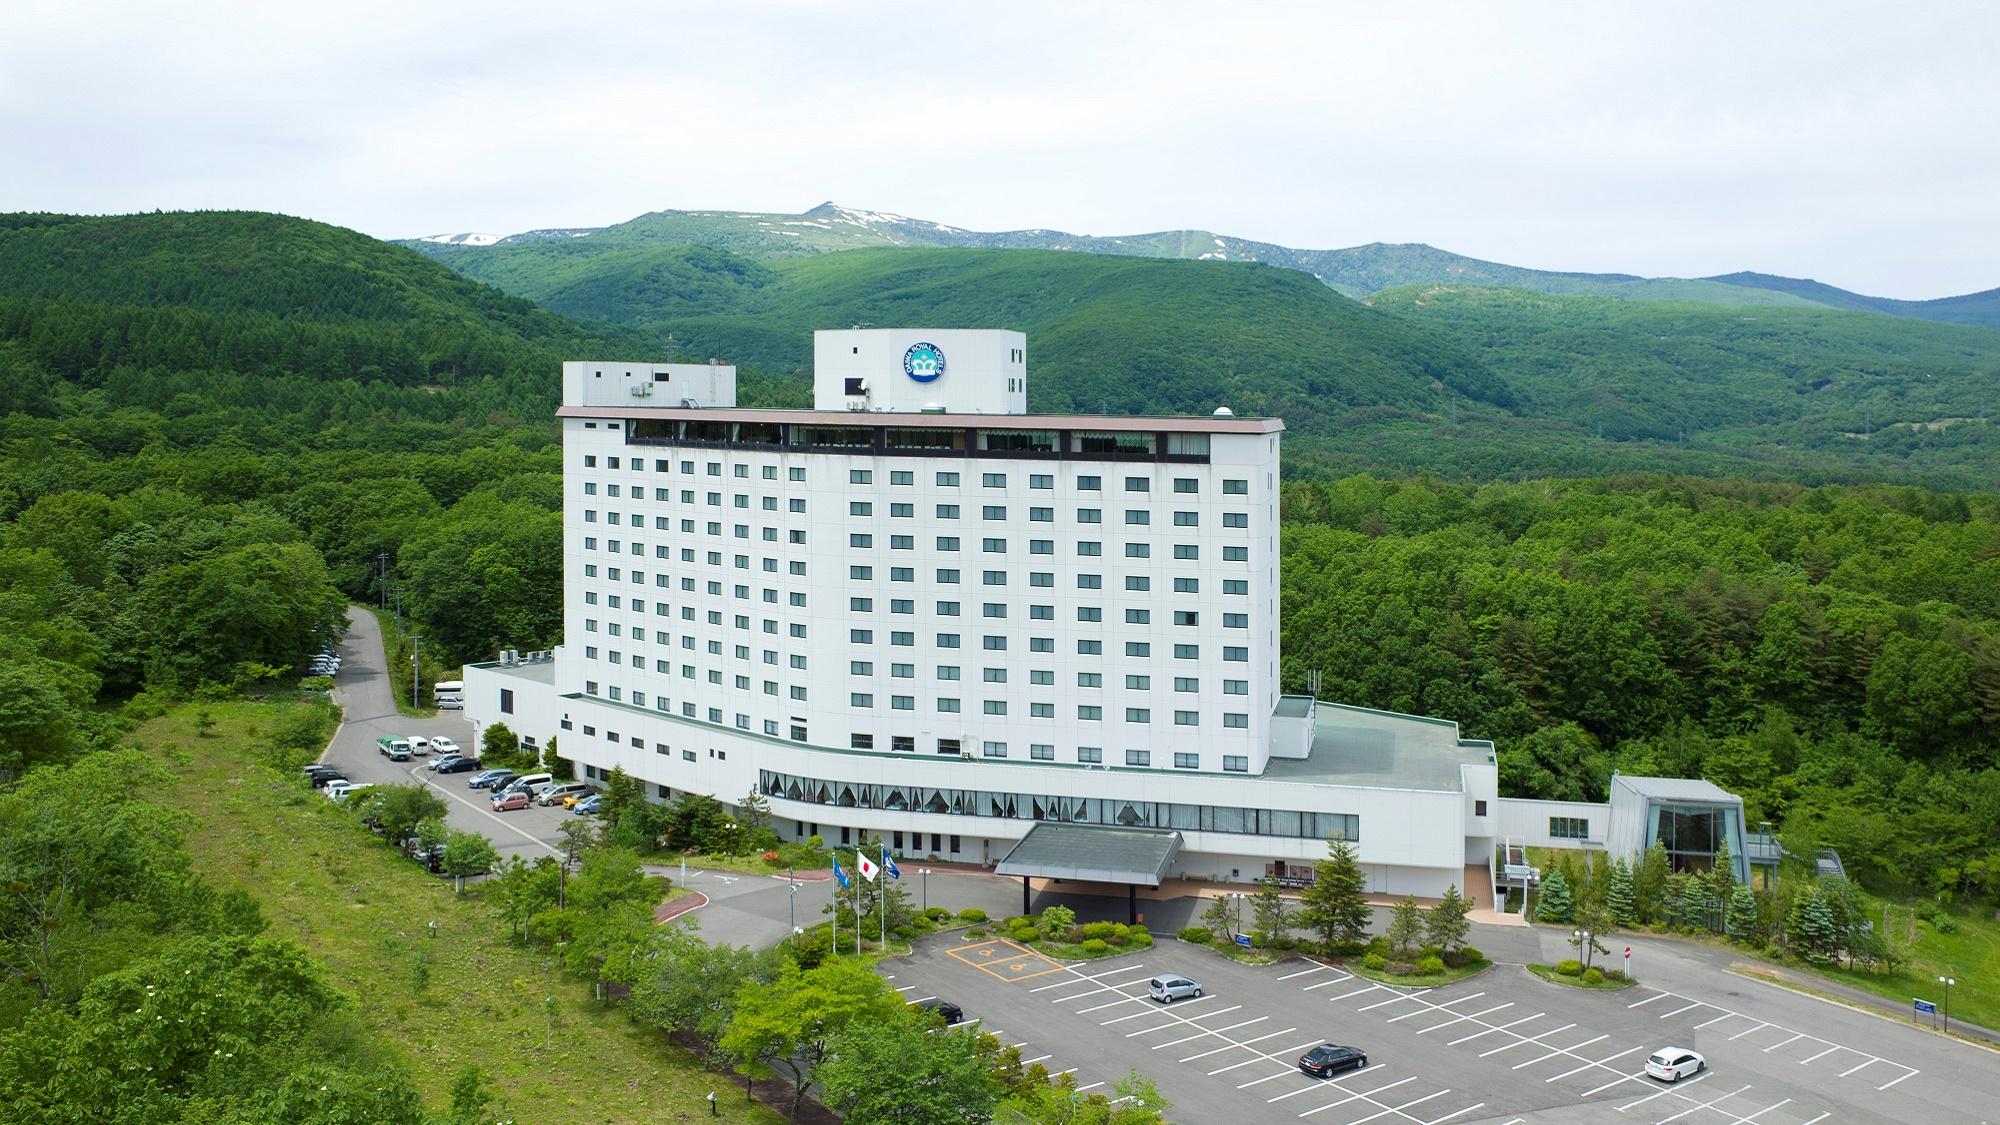 【東北】絶景が見たい!夏休みの家族旅行におすすめのホテル・旅館宿は?